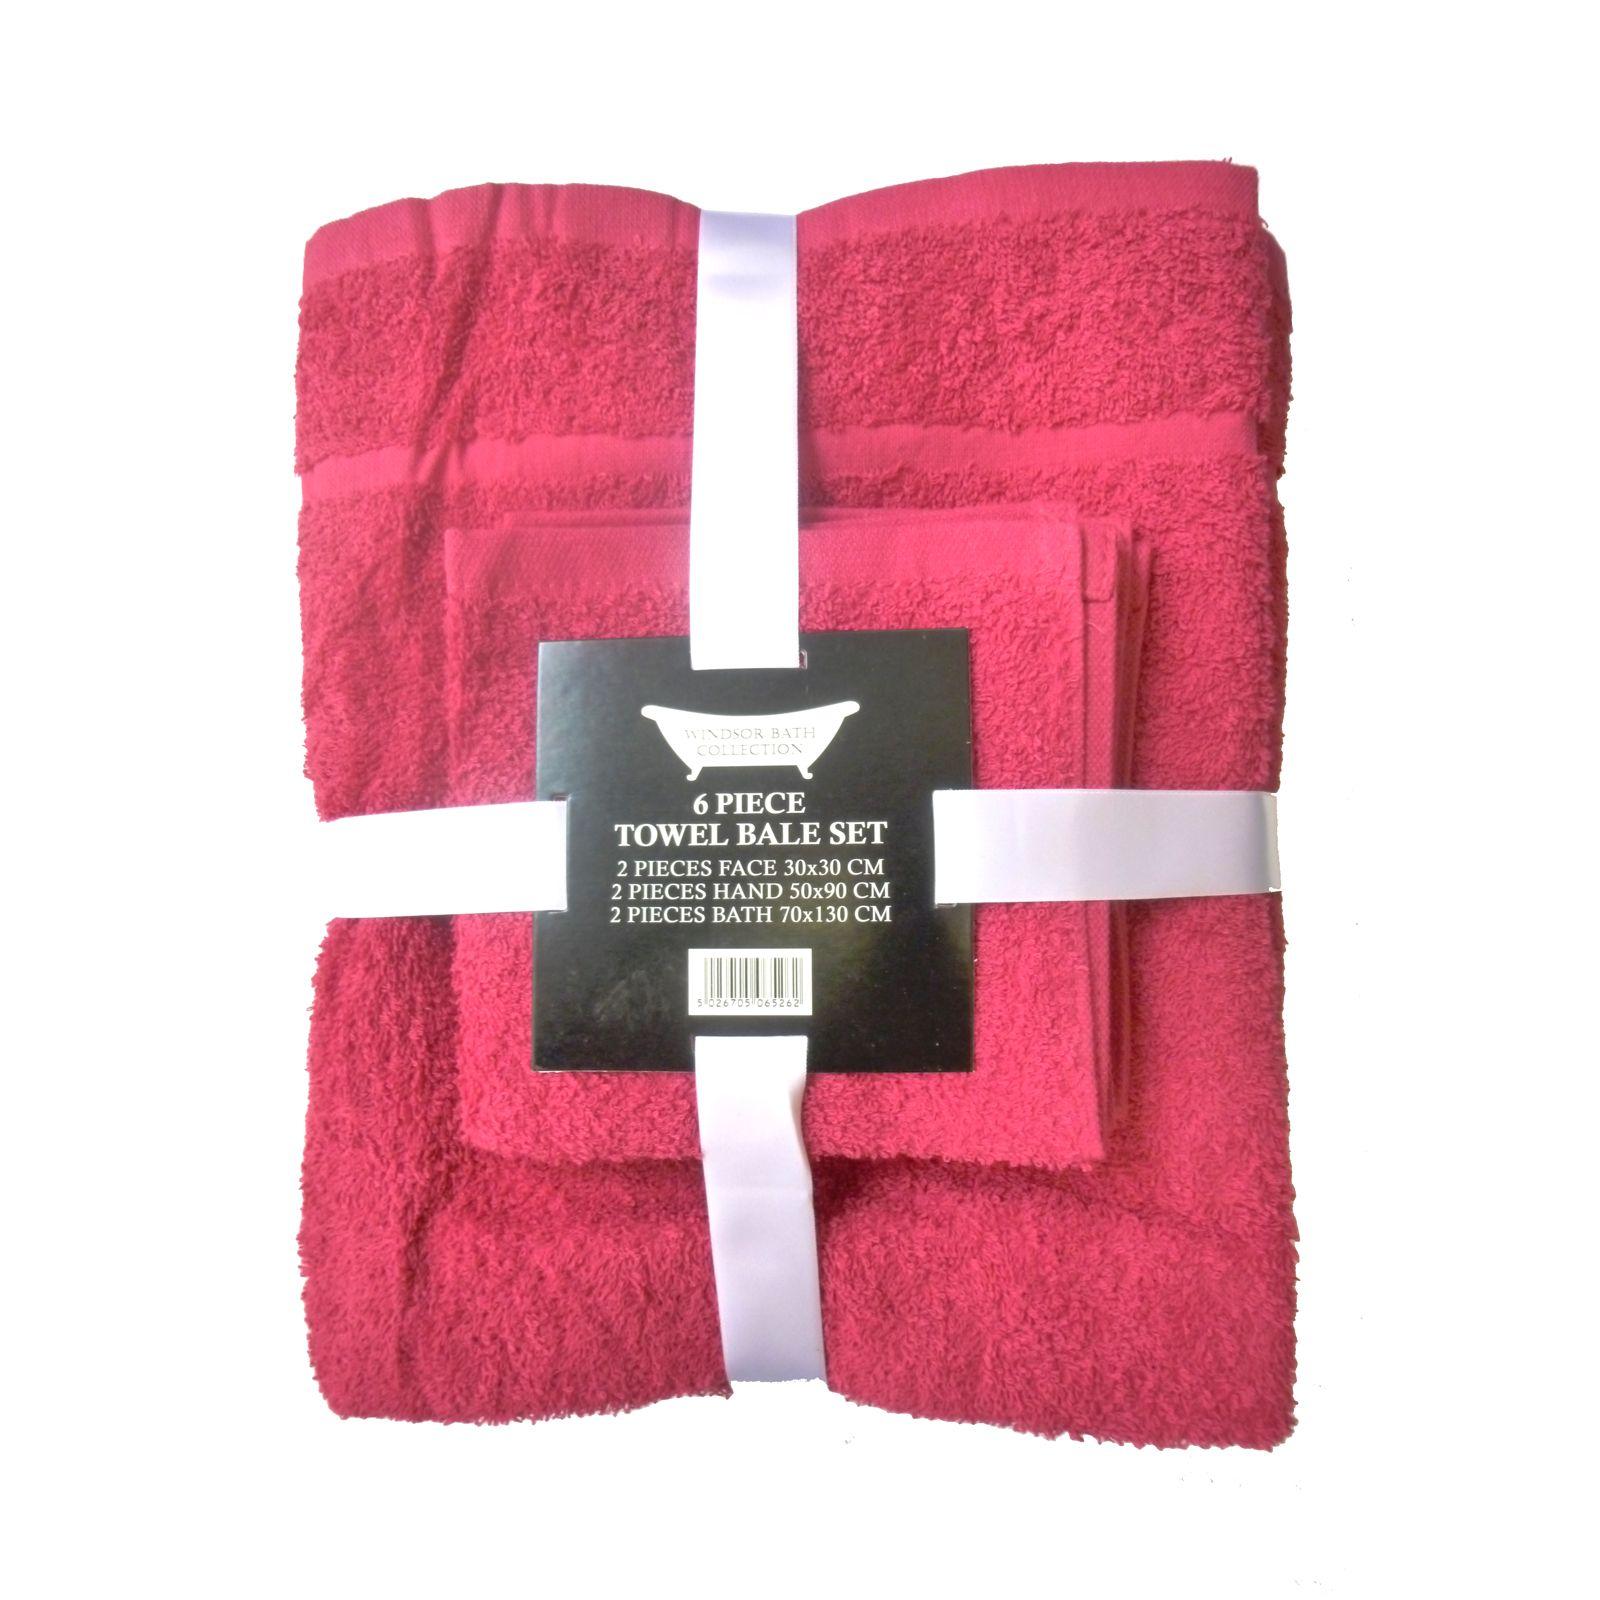 6 piece 100 cotton bath towel bale set 9 colours for New bathroom set